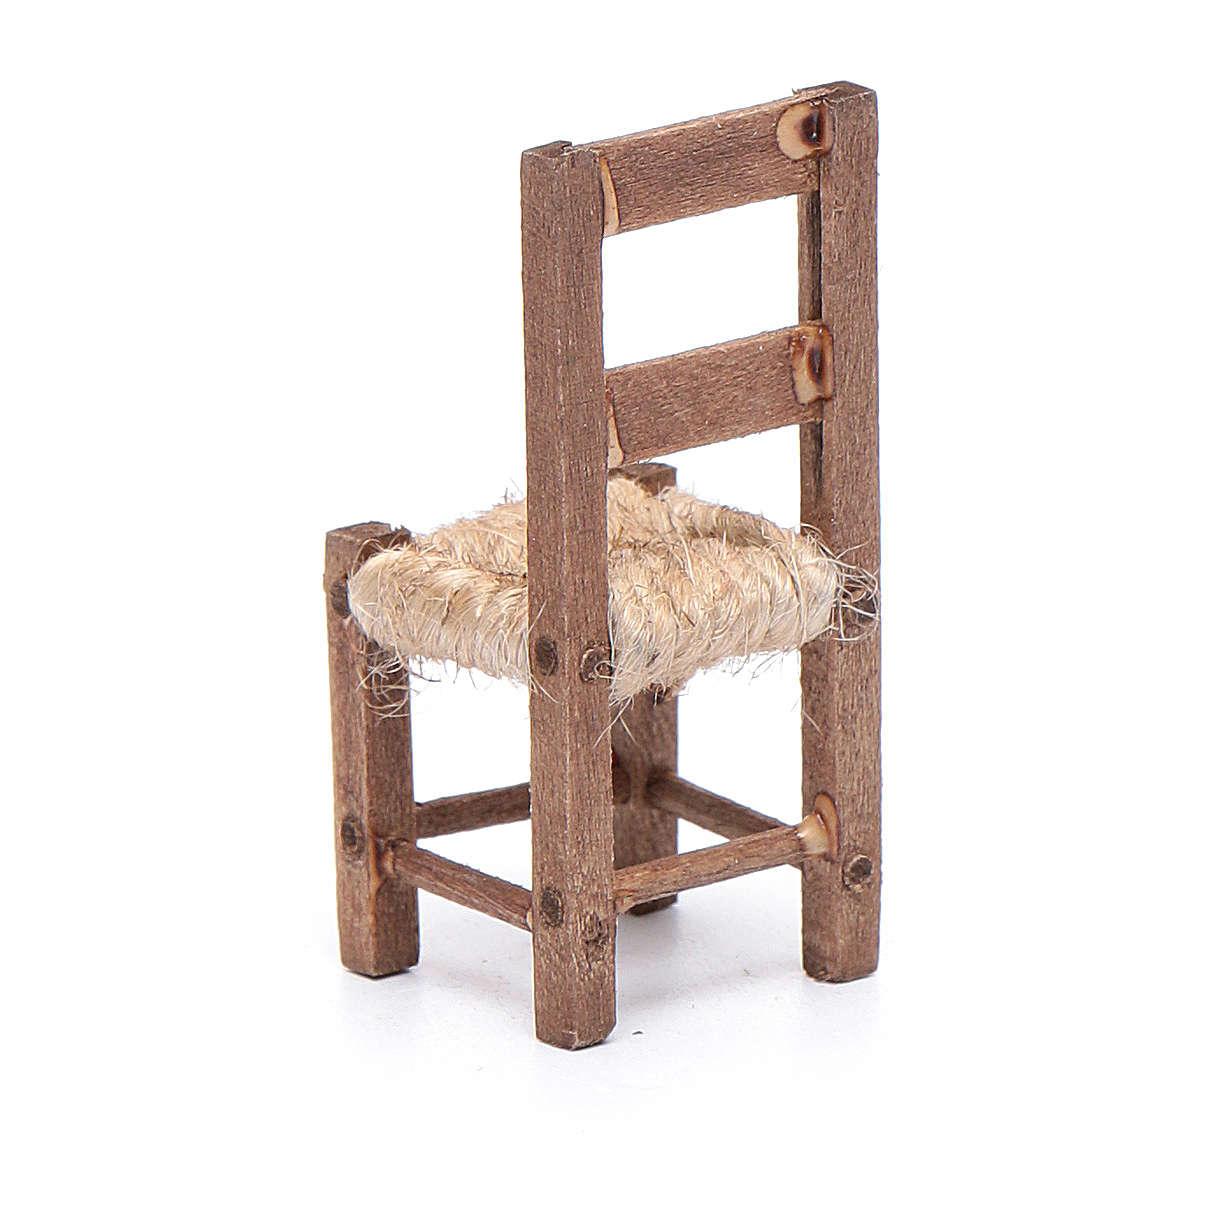 Silla madera y cuerda 5 cm belén napolitano 4